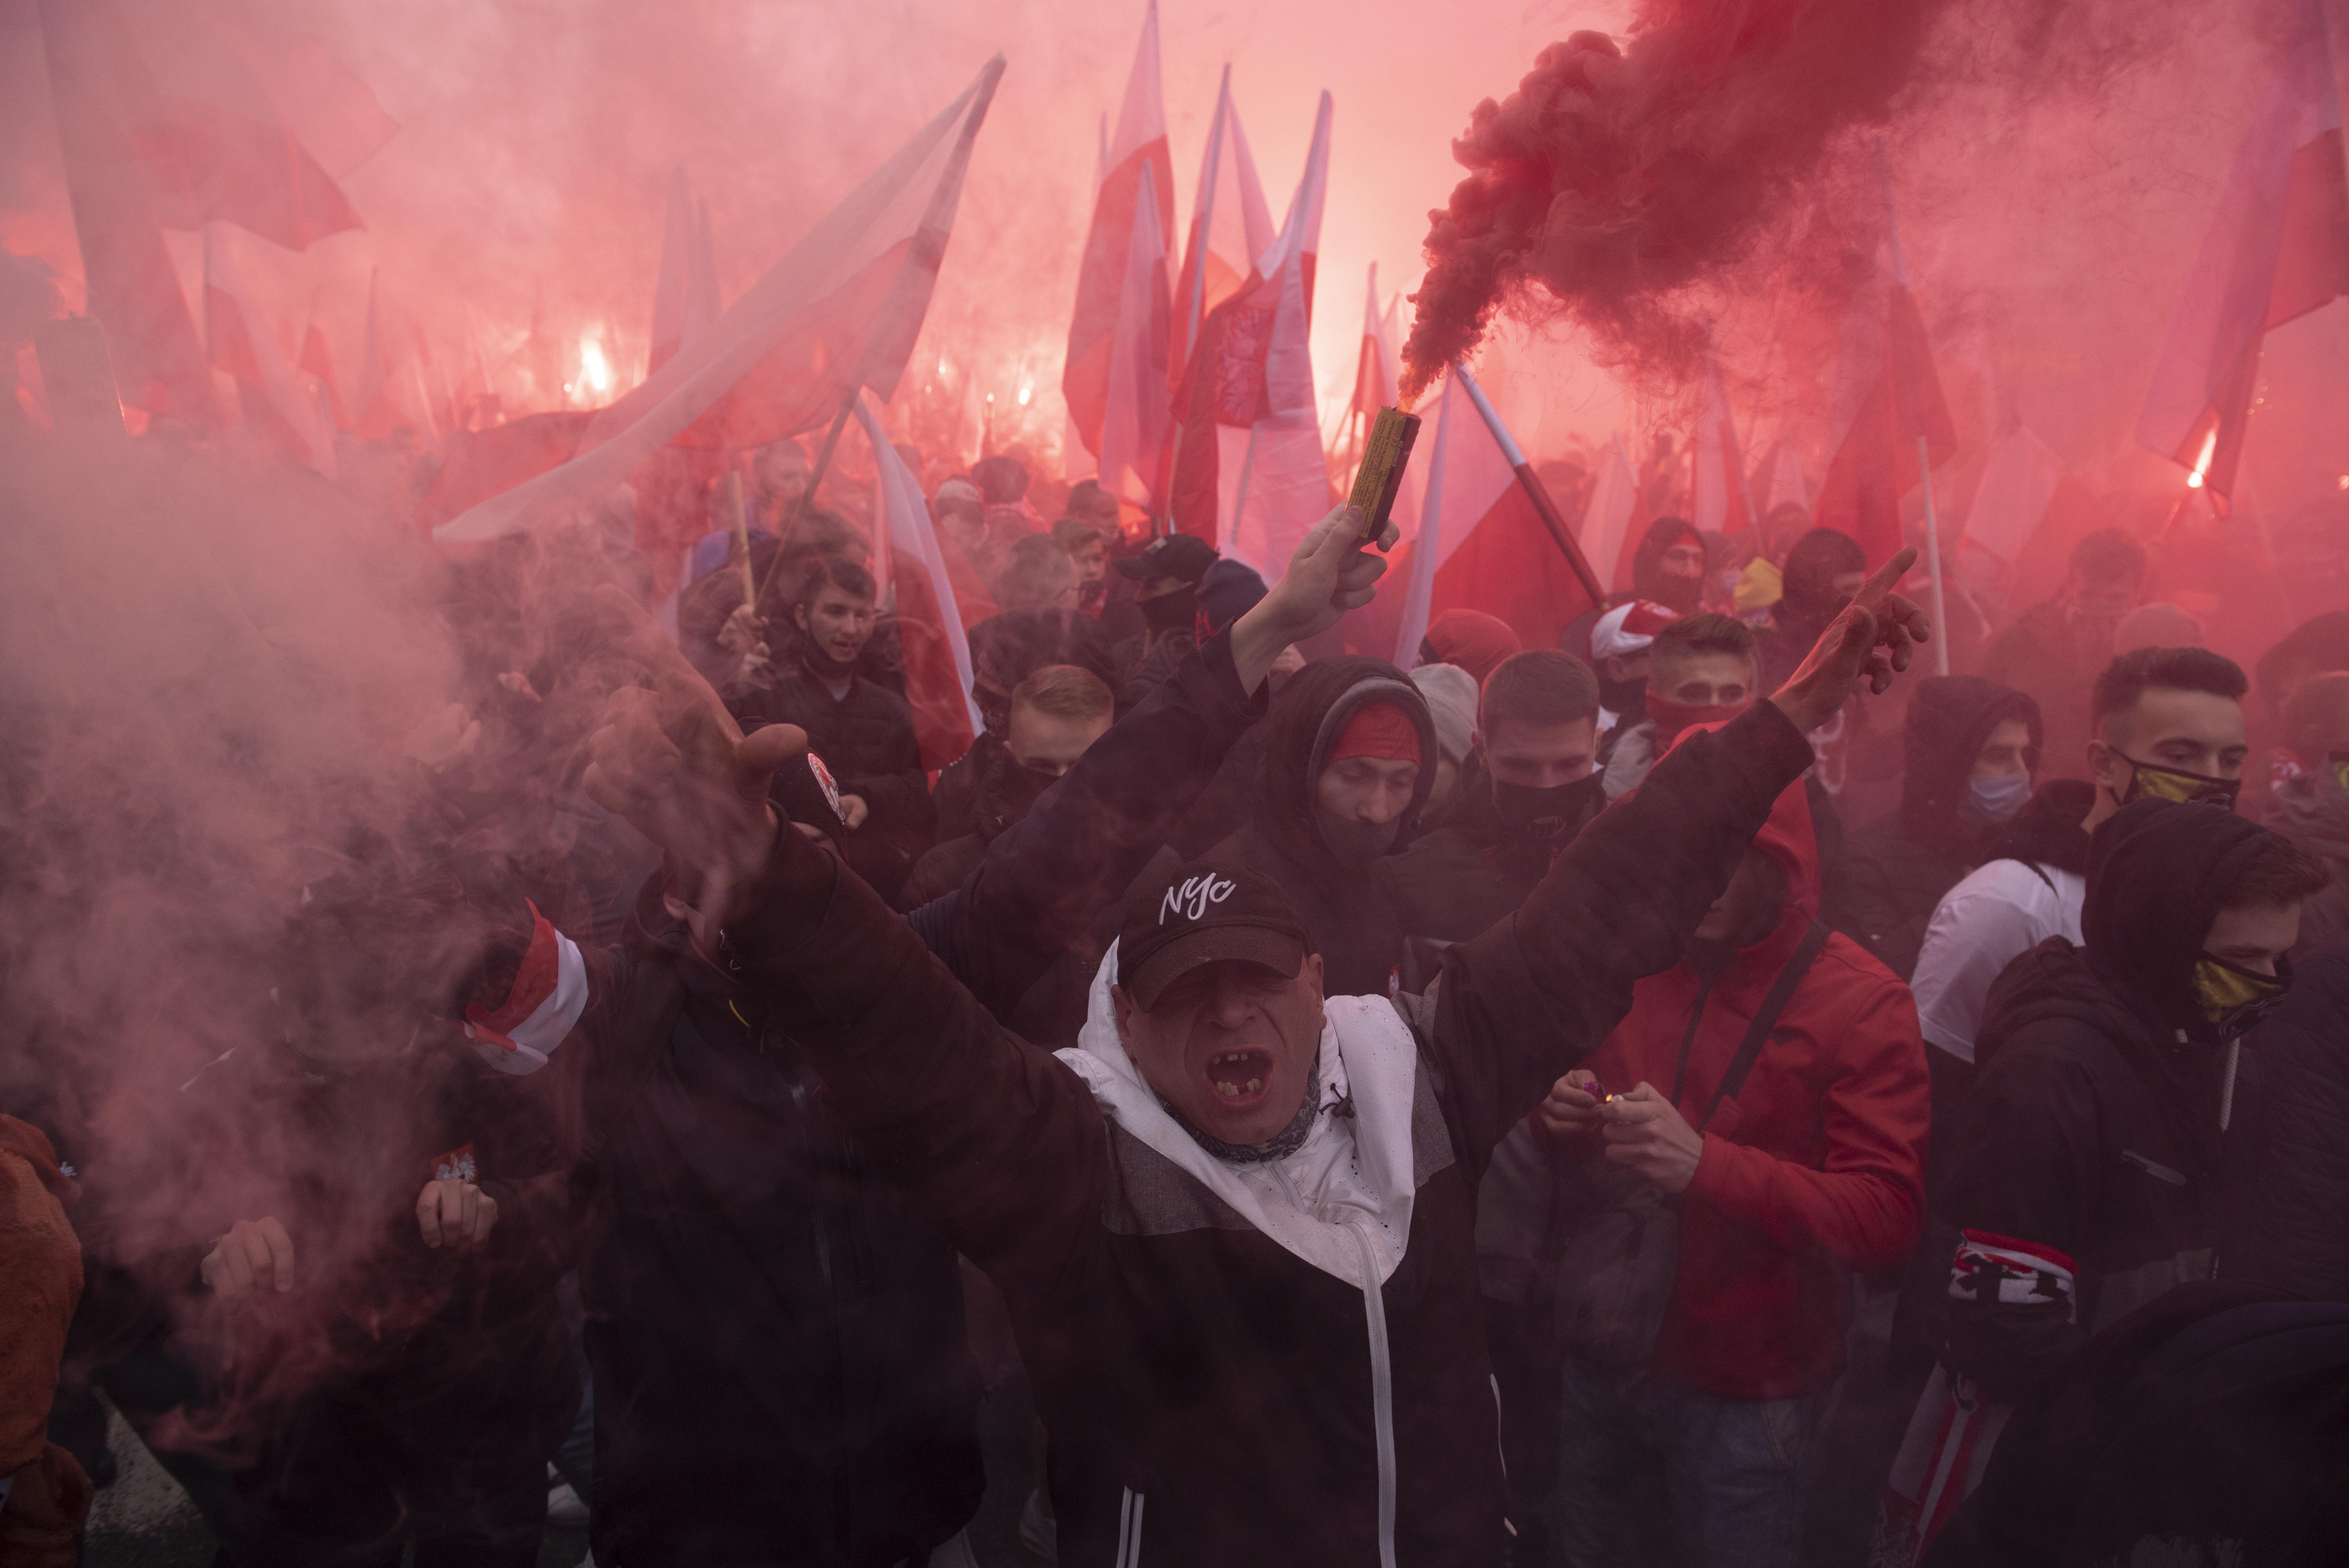 Zavargások voltak az engedély nélkül megtartott függetlenség napi felvonuláson Varsóban, 300 embert őrizetbe vettek